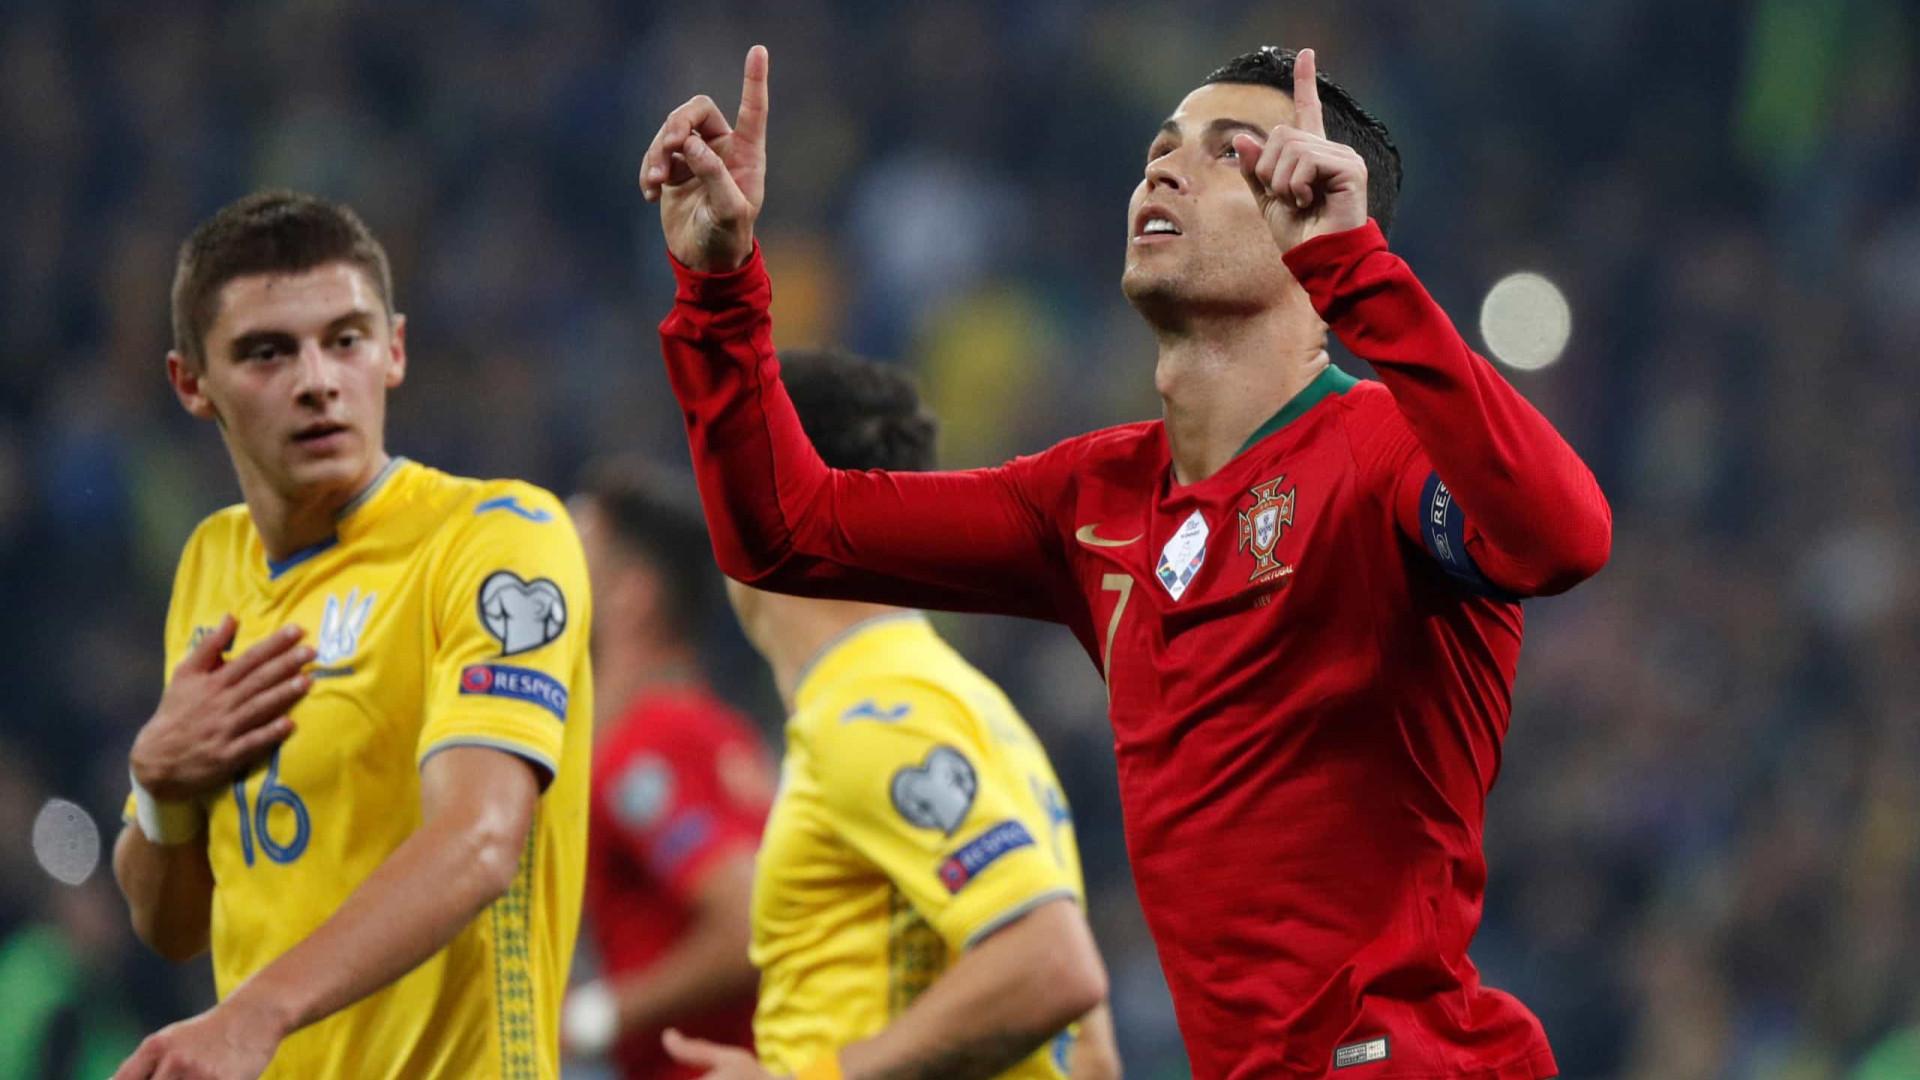 Ucrânia vence Portugal e Cristiano Ronaldo chega aos 700 gols